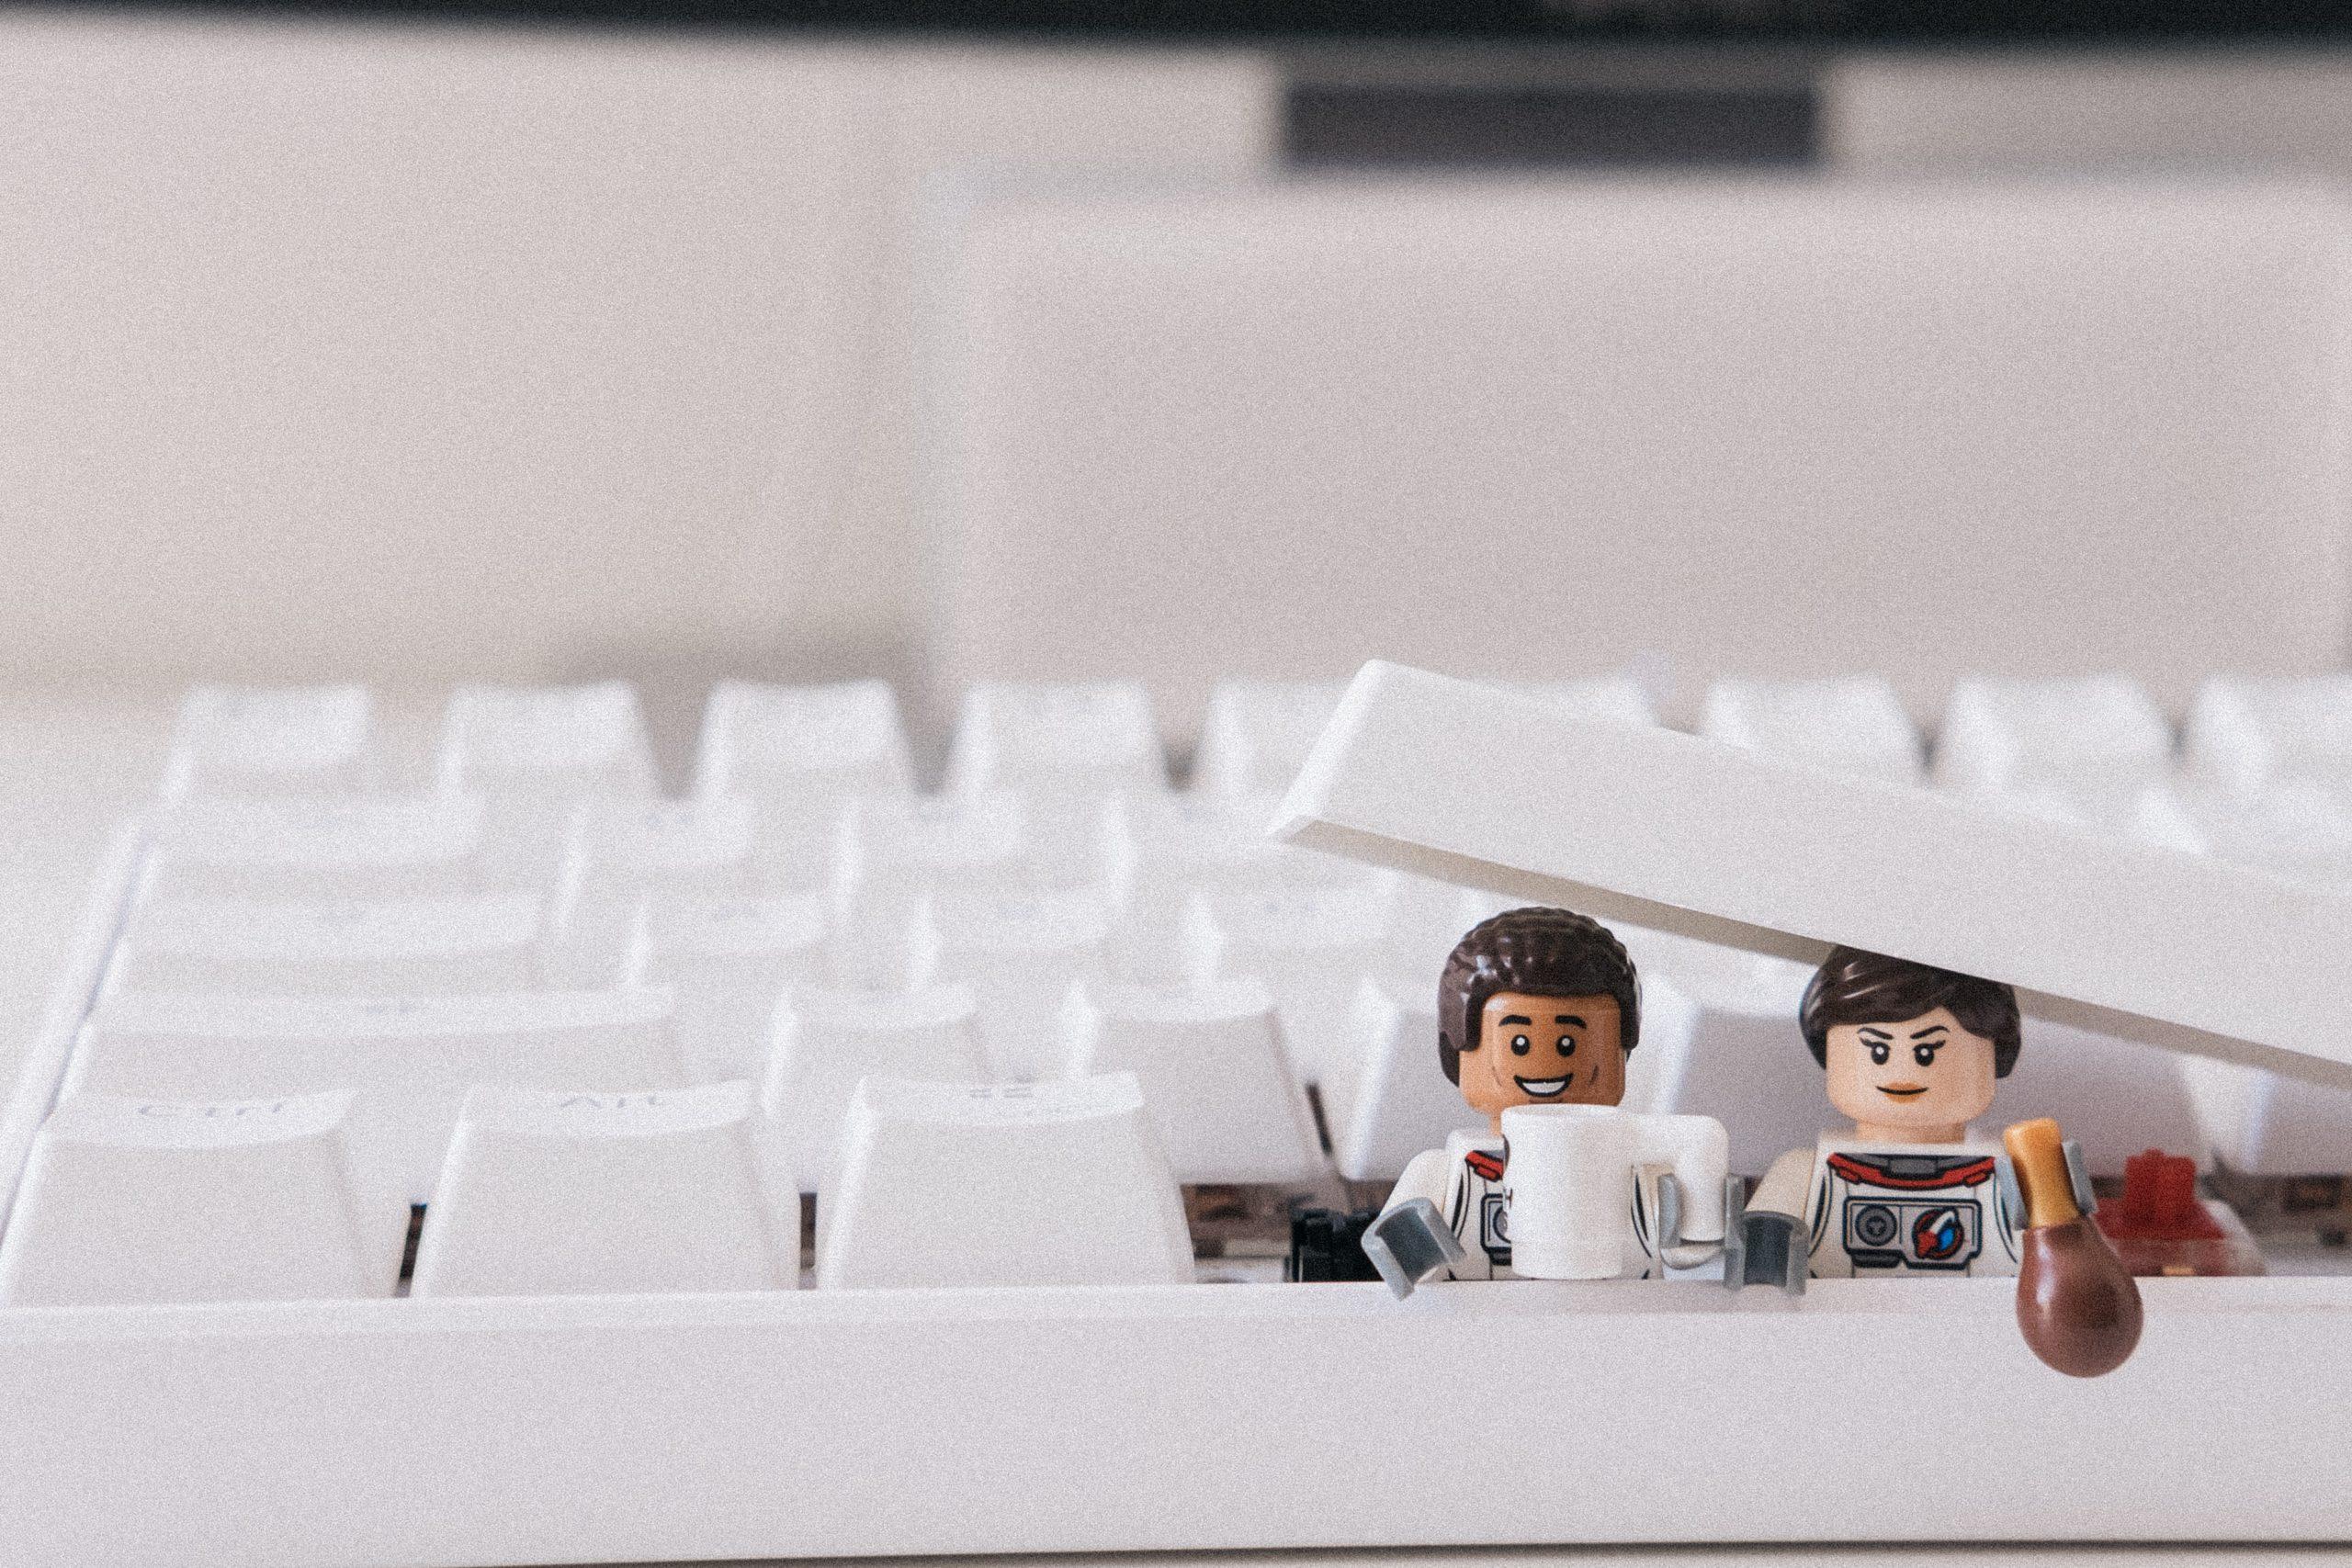 レゴでプログラミング教育する3つの理由